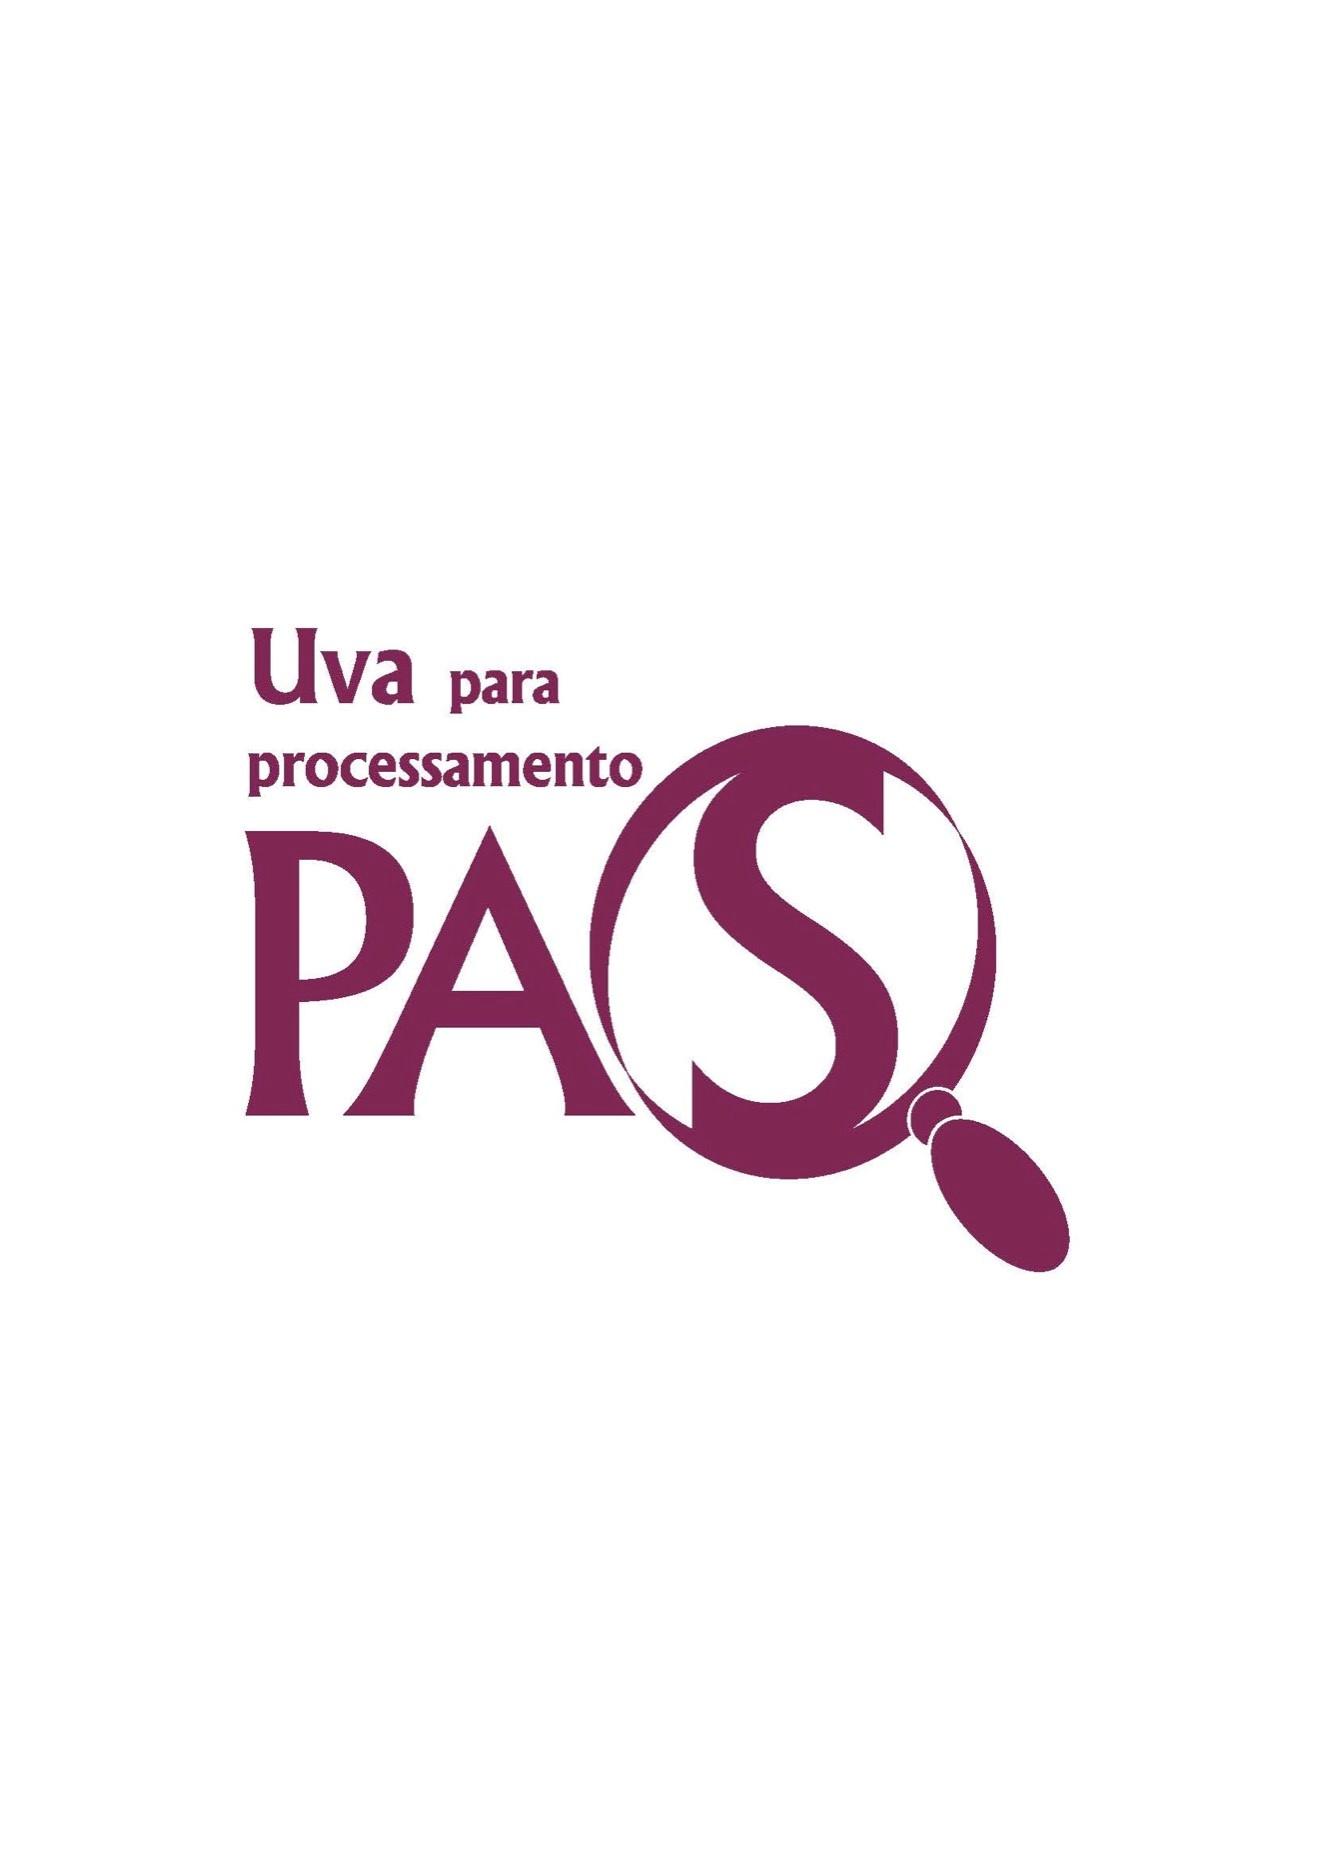 featured image PAS Uva | Programa Referência Nacional em Gestão da Qualidade para o setor vinícola